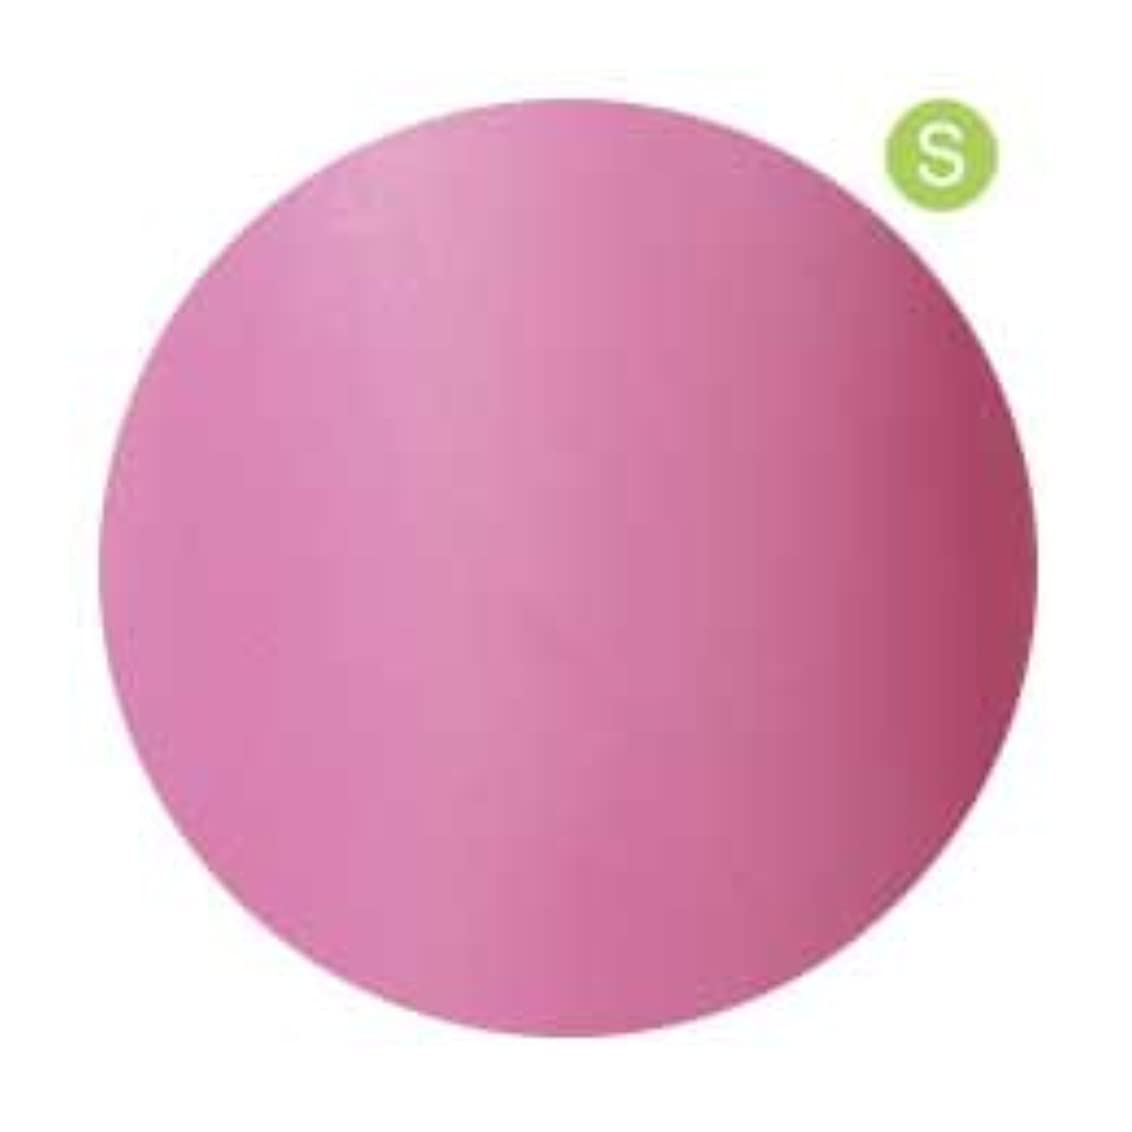 最悪パンチアラームPalms Graceful カラージェル 3g 063 ポンパドールピンク